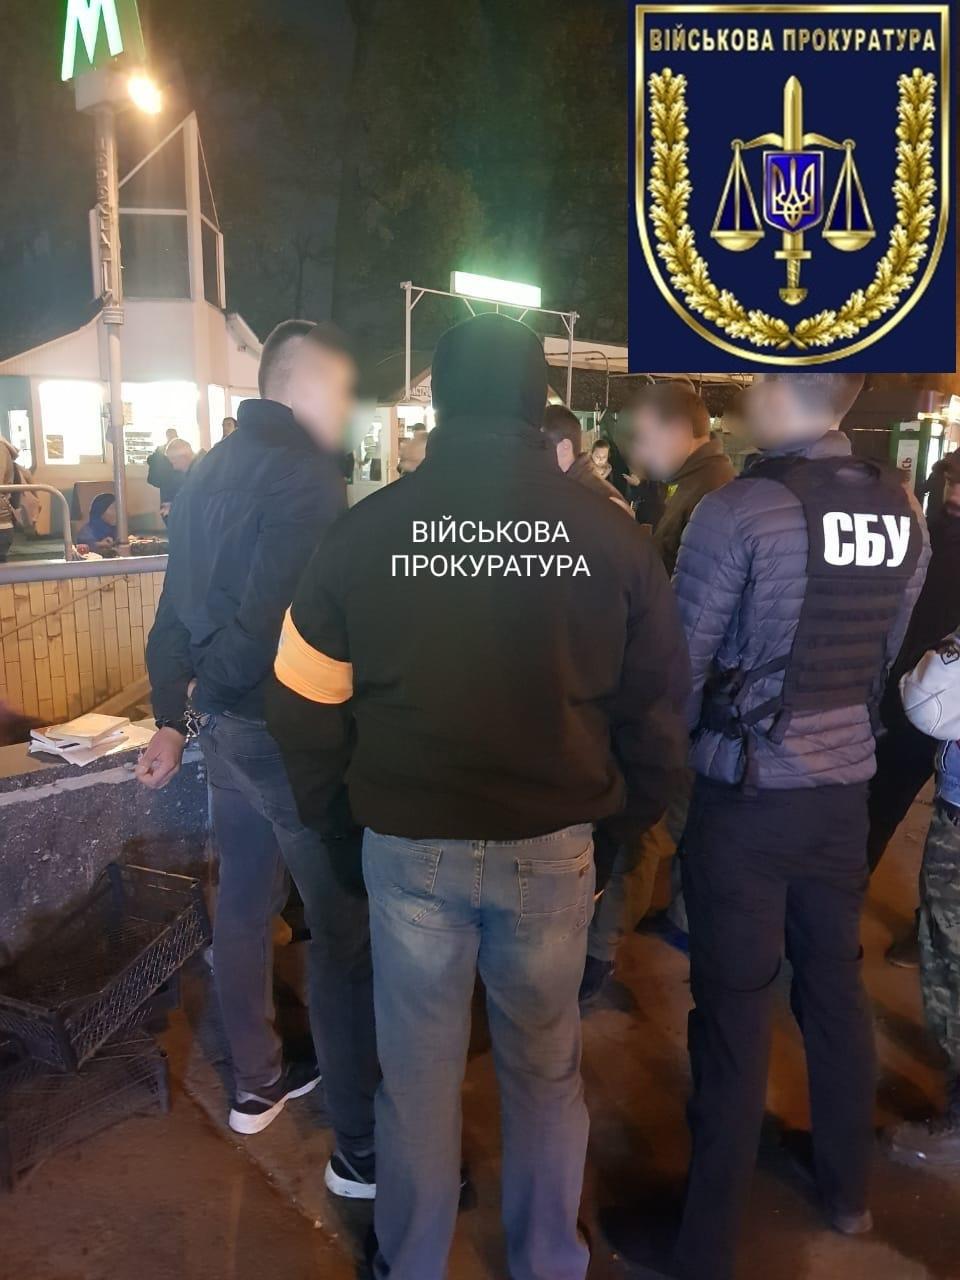 """""""Оборотни в погонах"""": полицейских задержали на взятке $50 тысяч"""